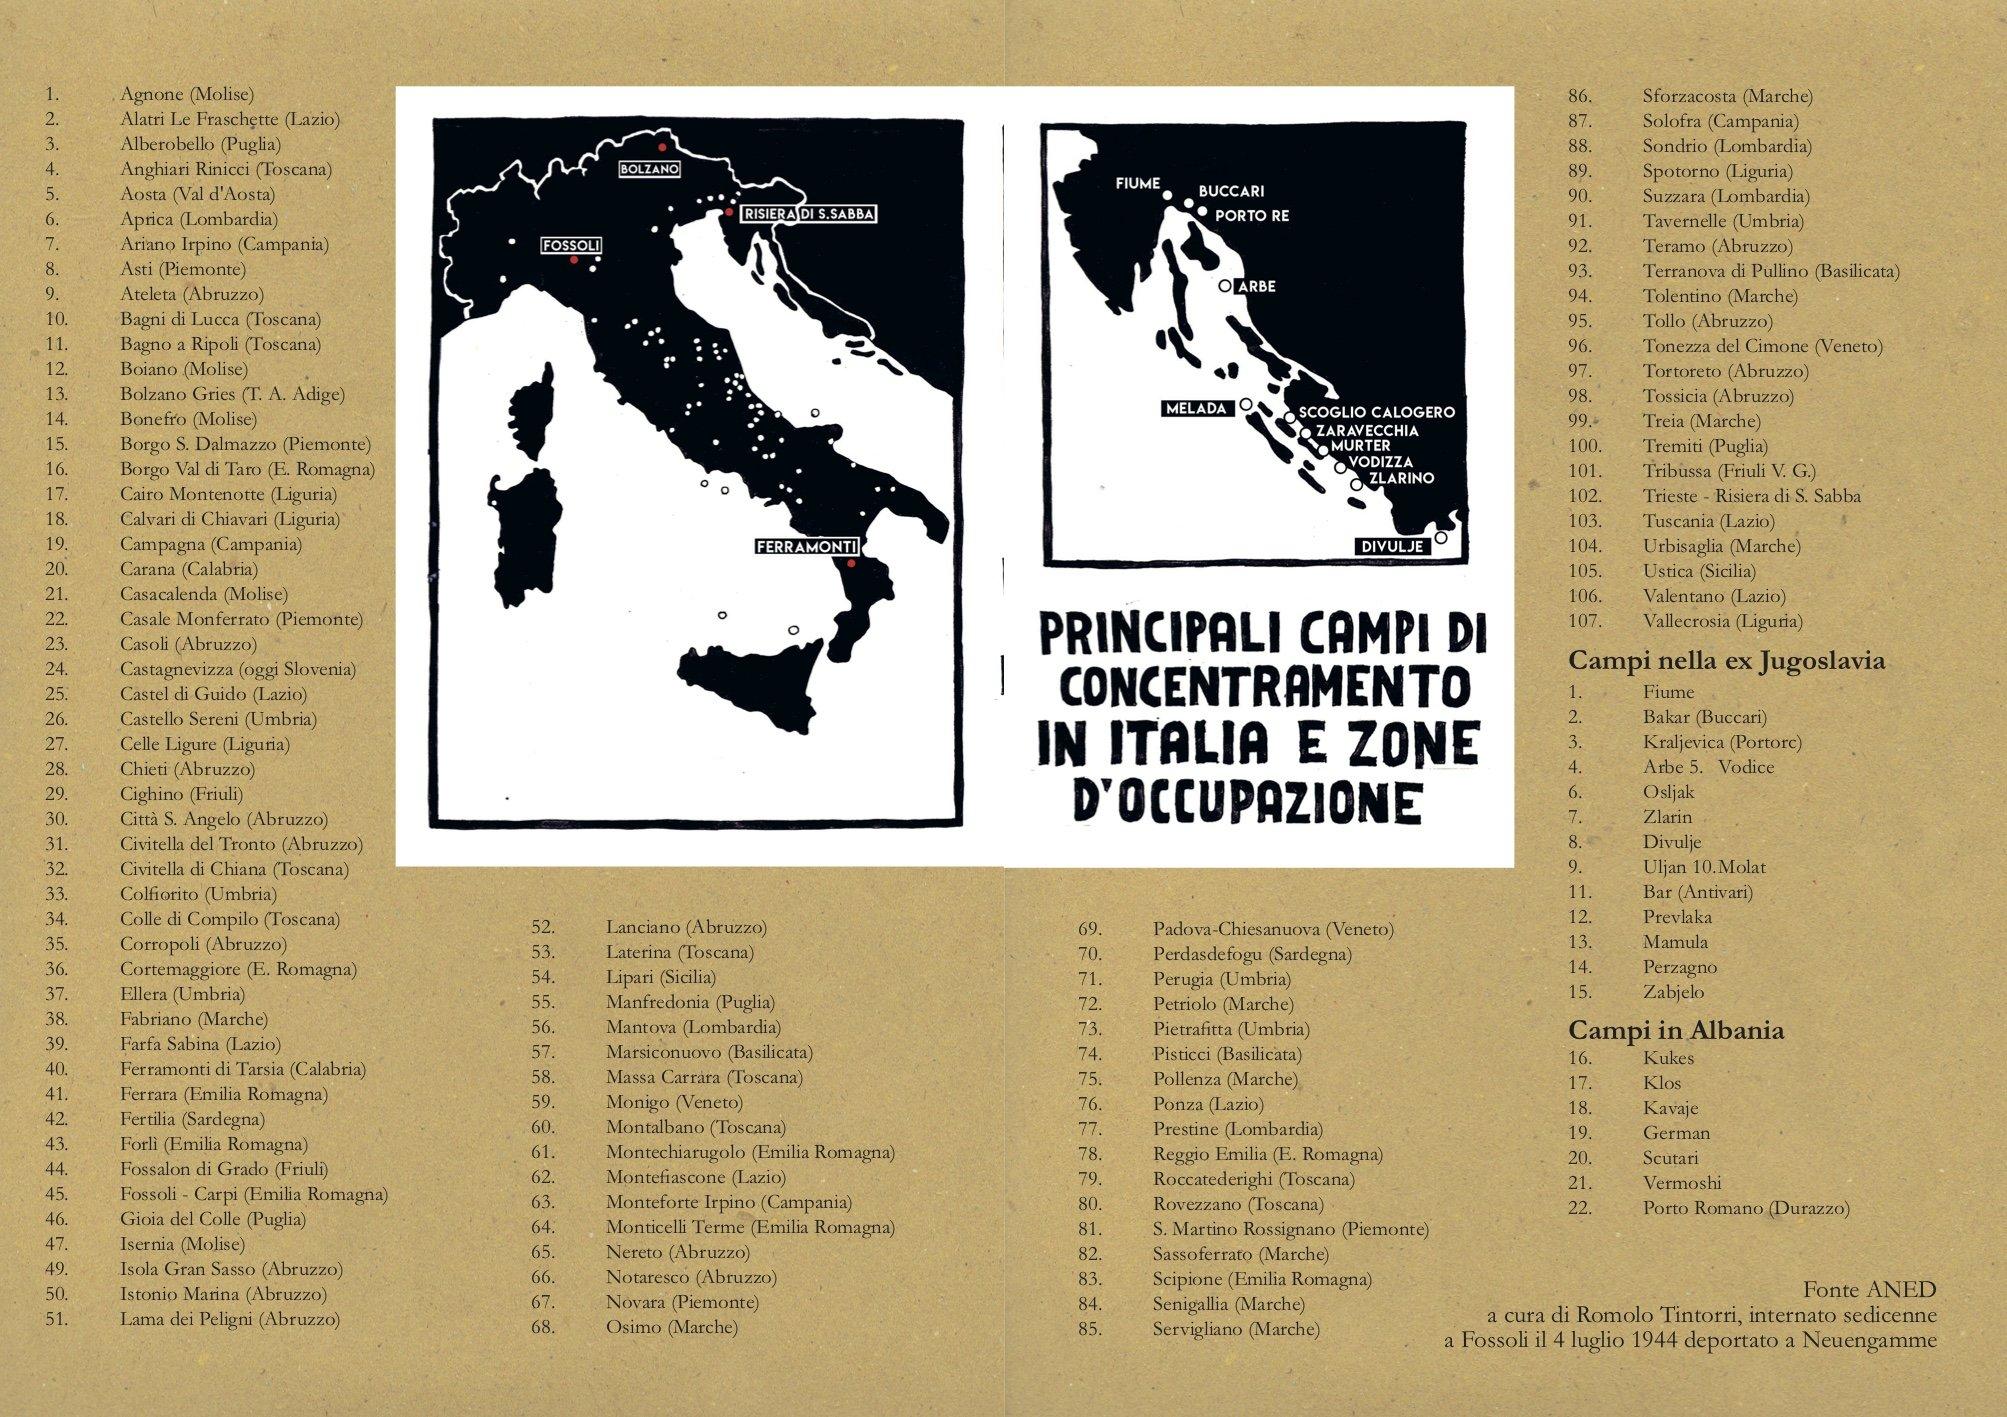 campi concentramento italia